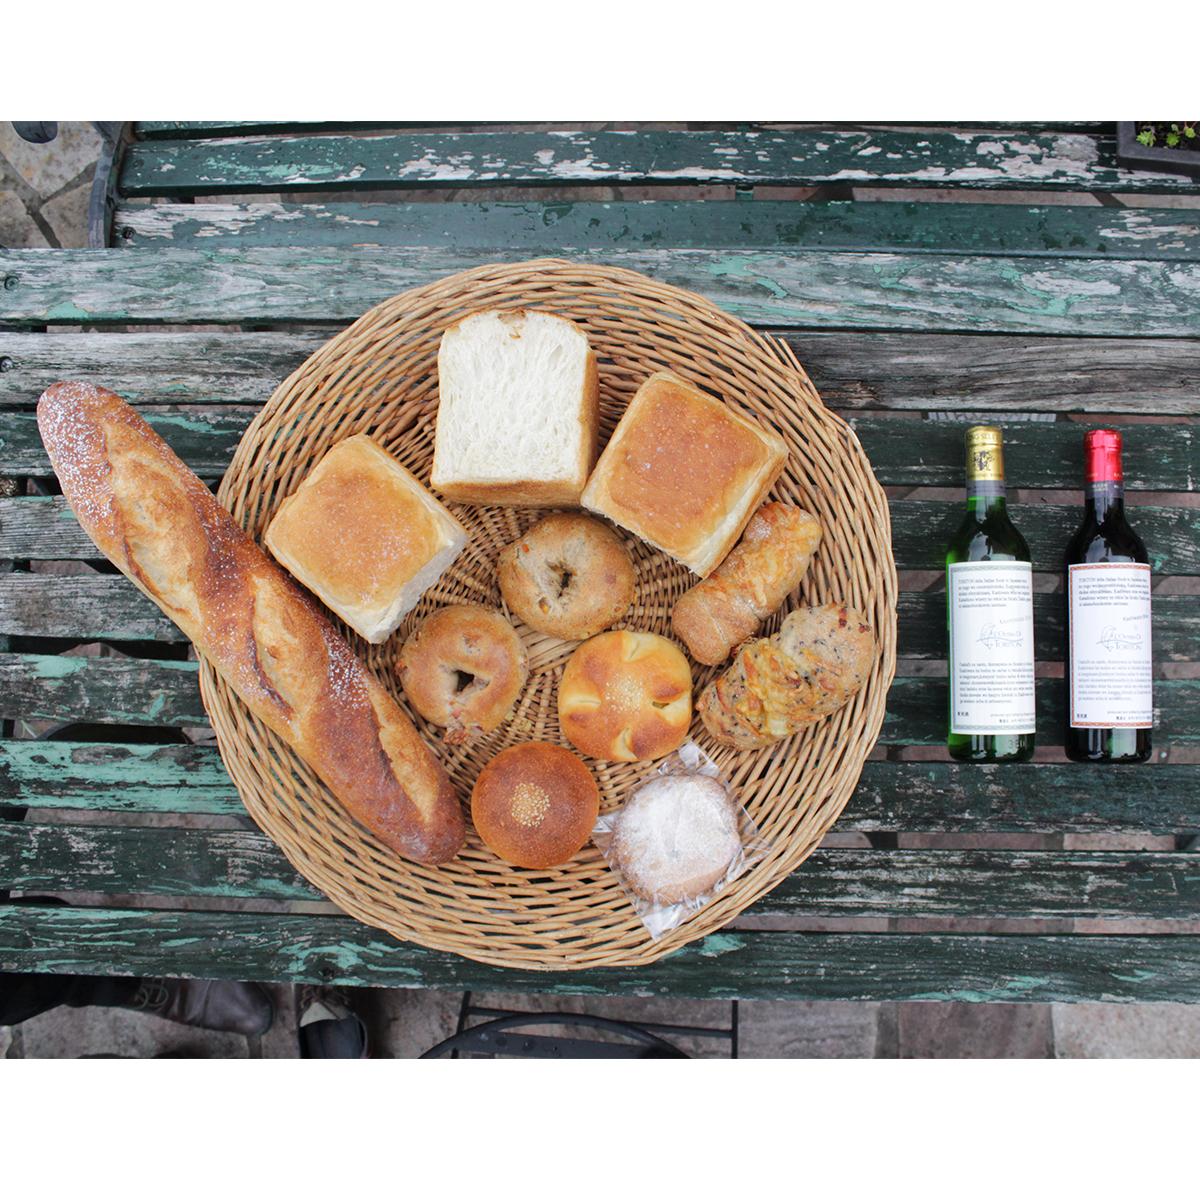 【ふるさと納税】天然酵母の石薪窯焼きパン(トリトン特製ハーフボトルワイン赤白2本セット)